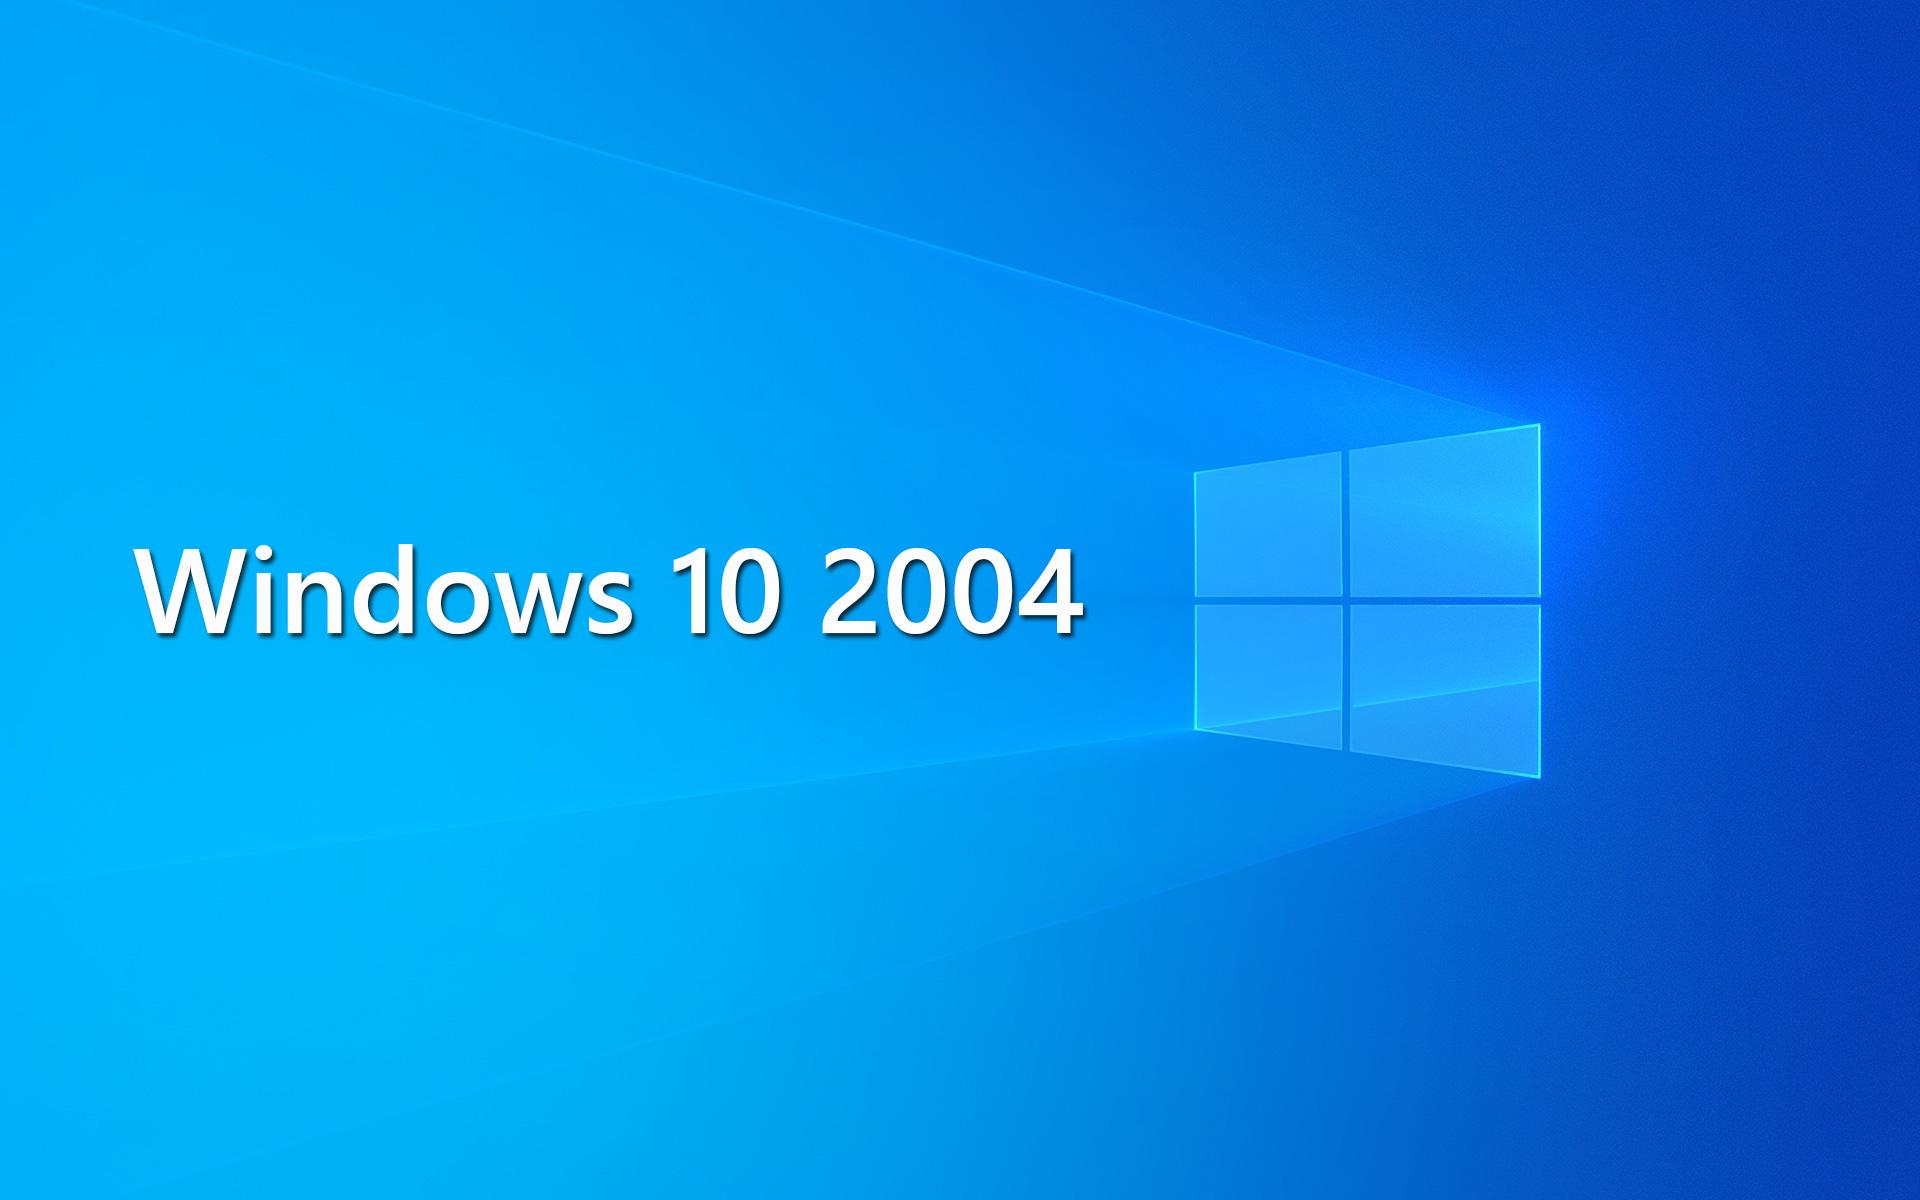 Теперь вы можете выполнить чистую установку Windows 10 версии 2004 - официально доступны файлы ISO